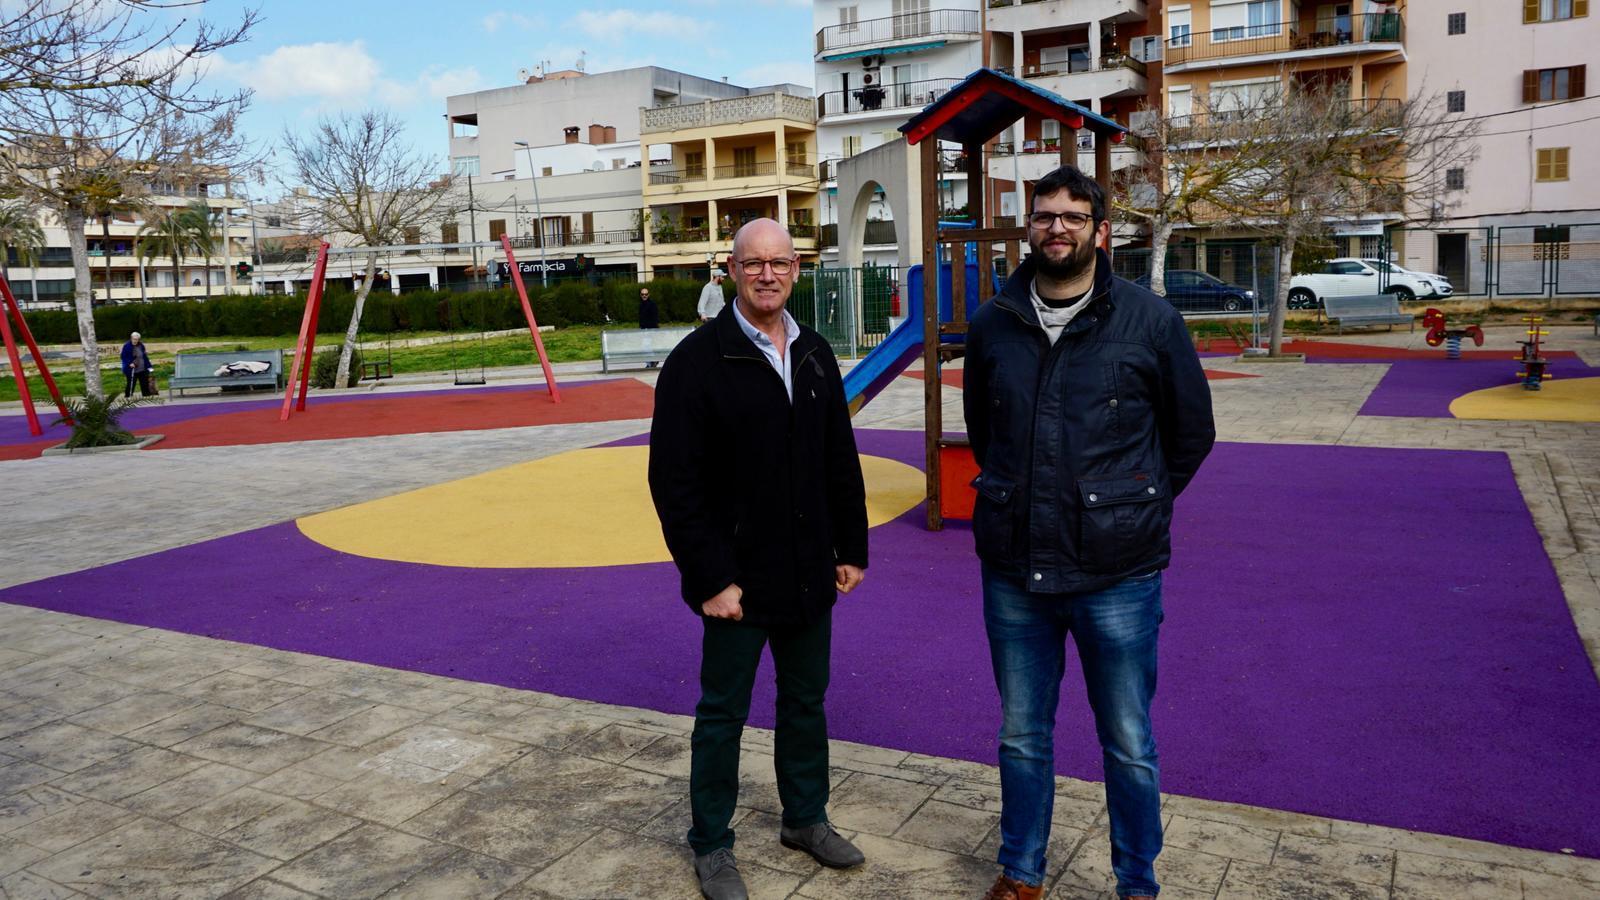 El regidor Vives (esquerra) en un dels parcs que s'han reformat.